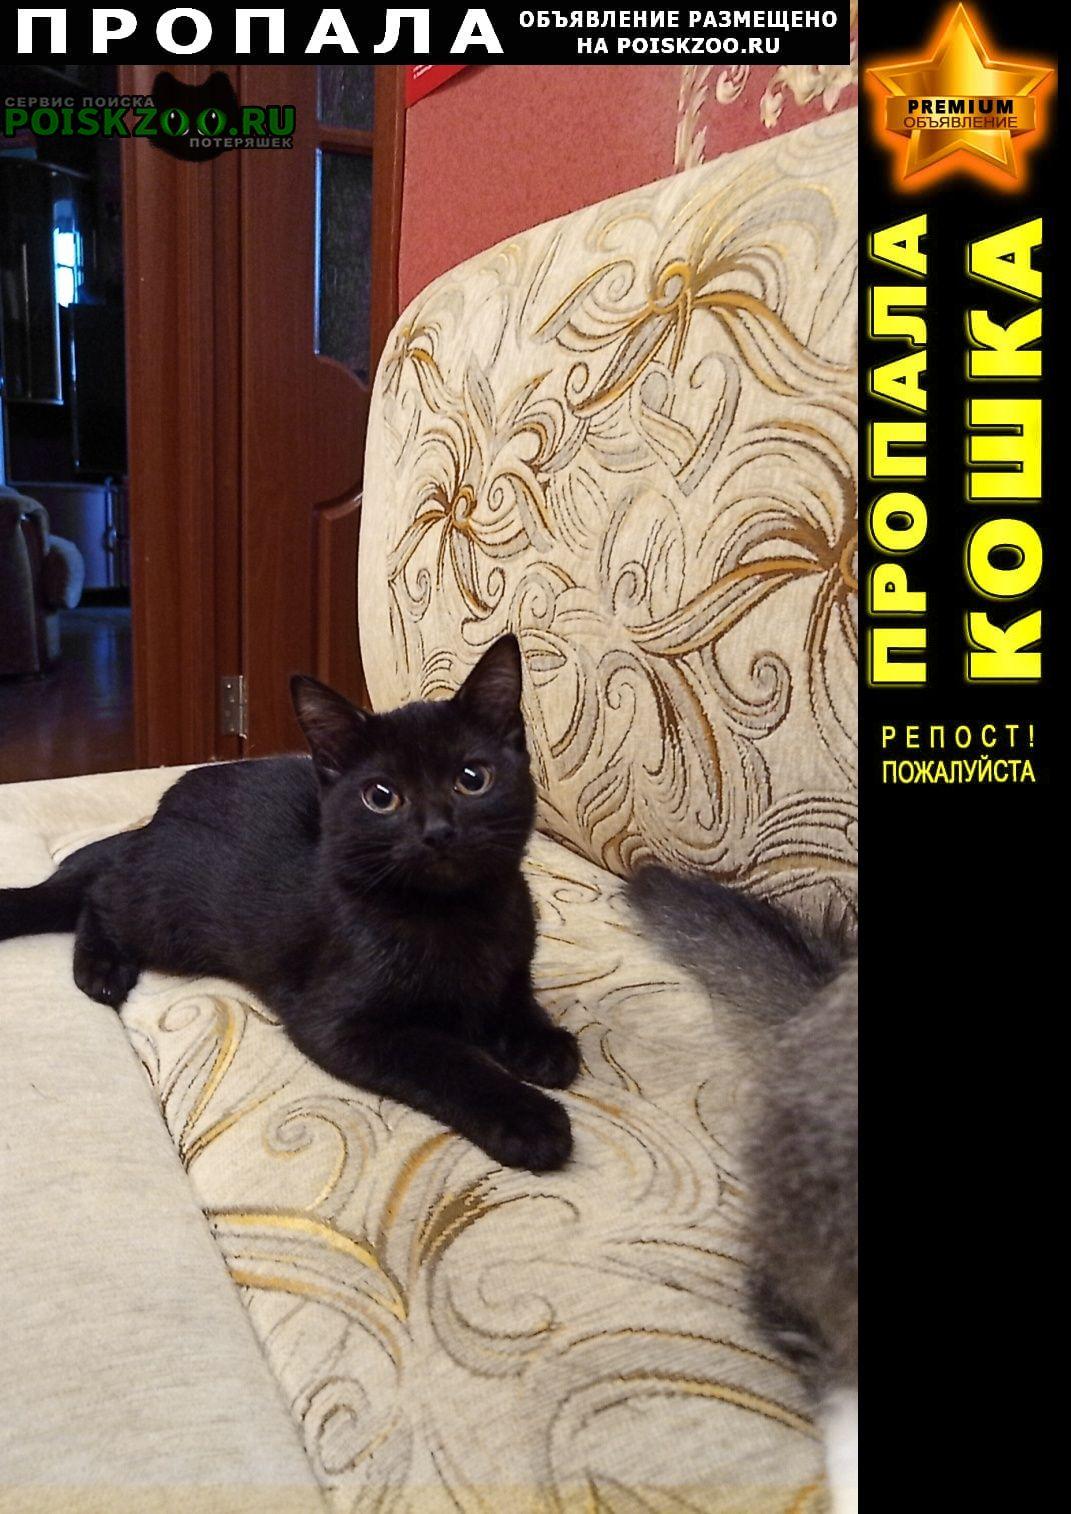 Пропала кошка Северодвинск